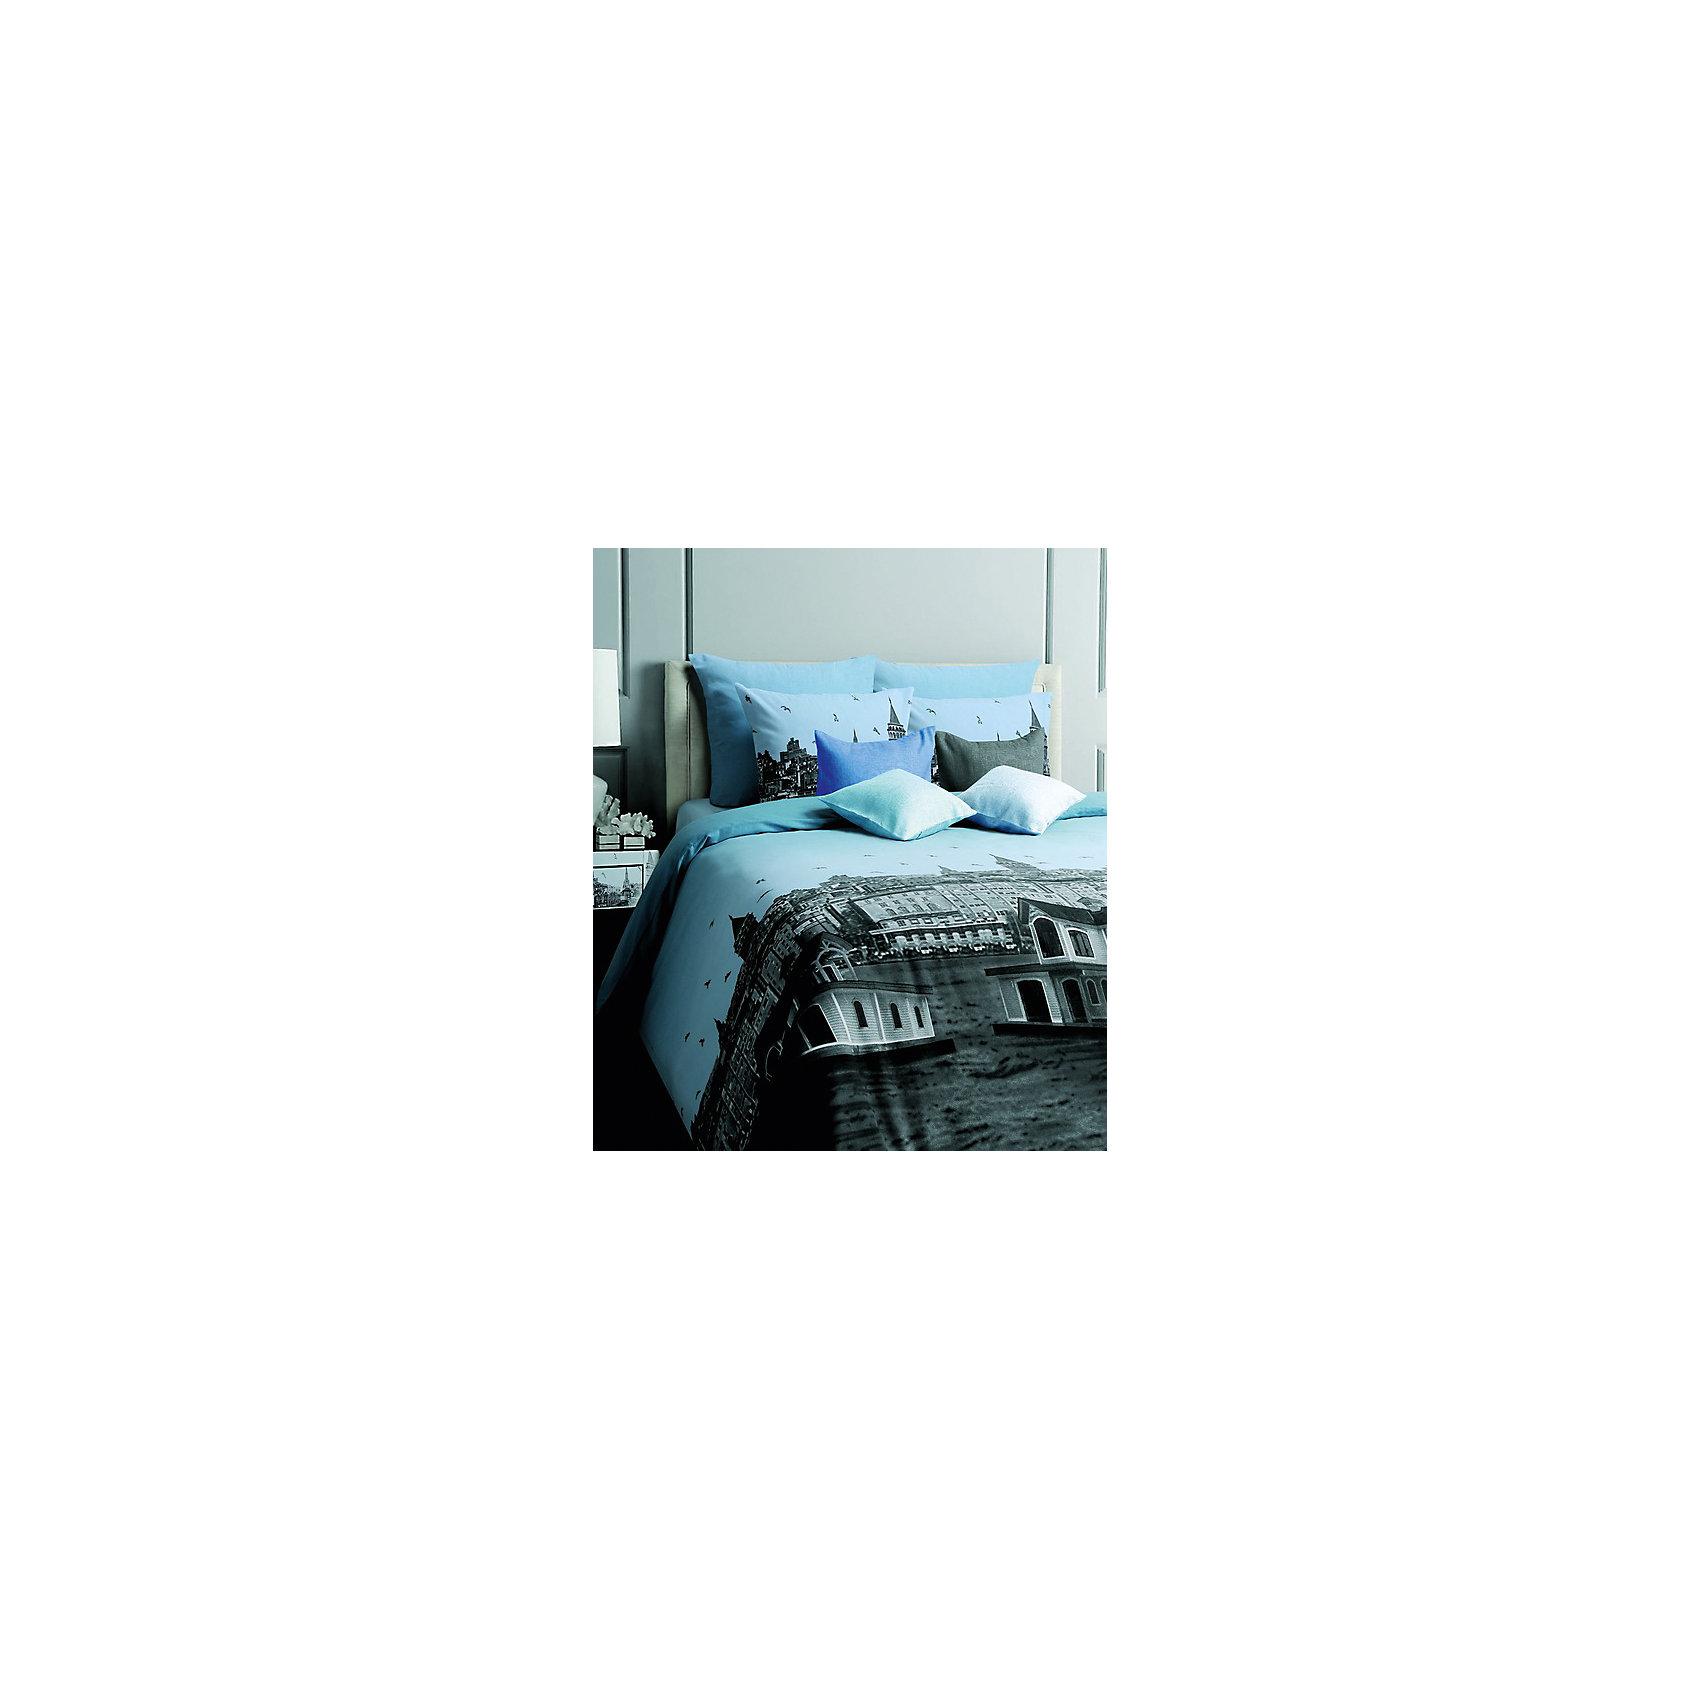 Постельное белье Istanbul, 1,5-спальный, 50*70, Mona LizaДомашний текстиль<br>Комплект постельного белья Istanbul торговой  марки Mona Liza порадует любителей путешествий. Комплект изготовлен из  высококачественной бязи с рисунком в виде экзотического городского пейзажа. Изделие прочное и износостойкое, легко гладится и стирается, выдерживая большое количество стирок,  можно стирать в стиральной машине в деликатном режиме. Комплект белья состоит из пододеяльника, простыни и двух наволочек размера 50*70 см, он отлично подойдет для небольшой кровати. <br><br>Дополнительная информация: <br><br>- производитель: Mona Liza<br>- материал: бязь<br>- состав: 100% хлопок<br>- размер комплекта: полутораспальный<br>- размер пододеяльника: 145*210 см<br>- тип застежки: пуговицы<br>- размер простыни: 150*215 (обычная)<br>- размер наволочек: 50*70 (2 шт)<br>- упаковка комплекта: книжка пвх<br>- страна бренда: Россия<br>- страна производитель: Россия<br><br>Комплект постельного белья  Istanbul торговой марки  Мона Лиза можно купить в нашем интернет-магазине.<br><br>Ширина мм: 290<br>Глубина мм: 70<br>Высота мм: 370<br>Вес г: 1250<br>Возраст от месяцев: 84<br>Возраст до месяцев: 1188<br>Пол: Унисекс<br>Возраст: Детский<br>SKU: 4902093